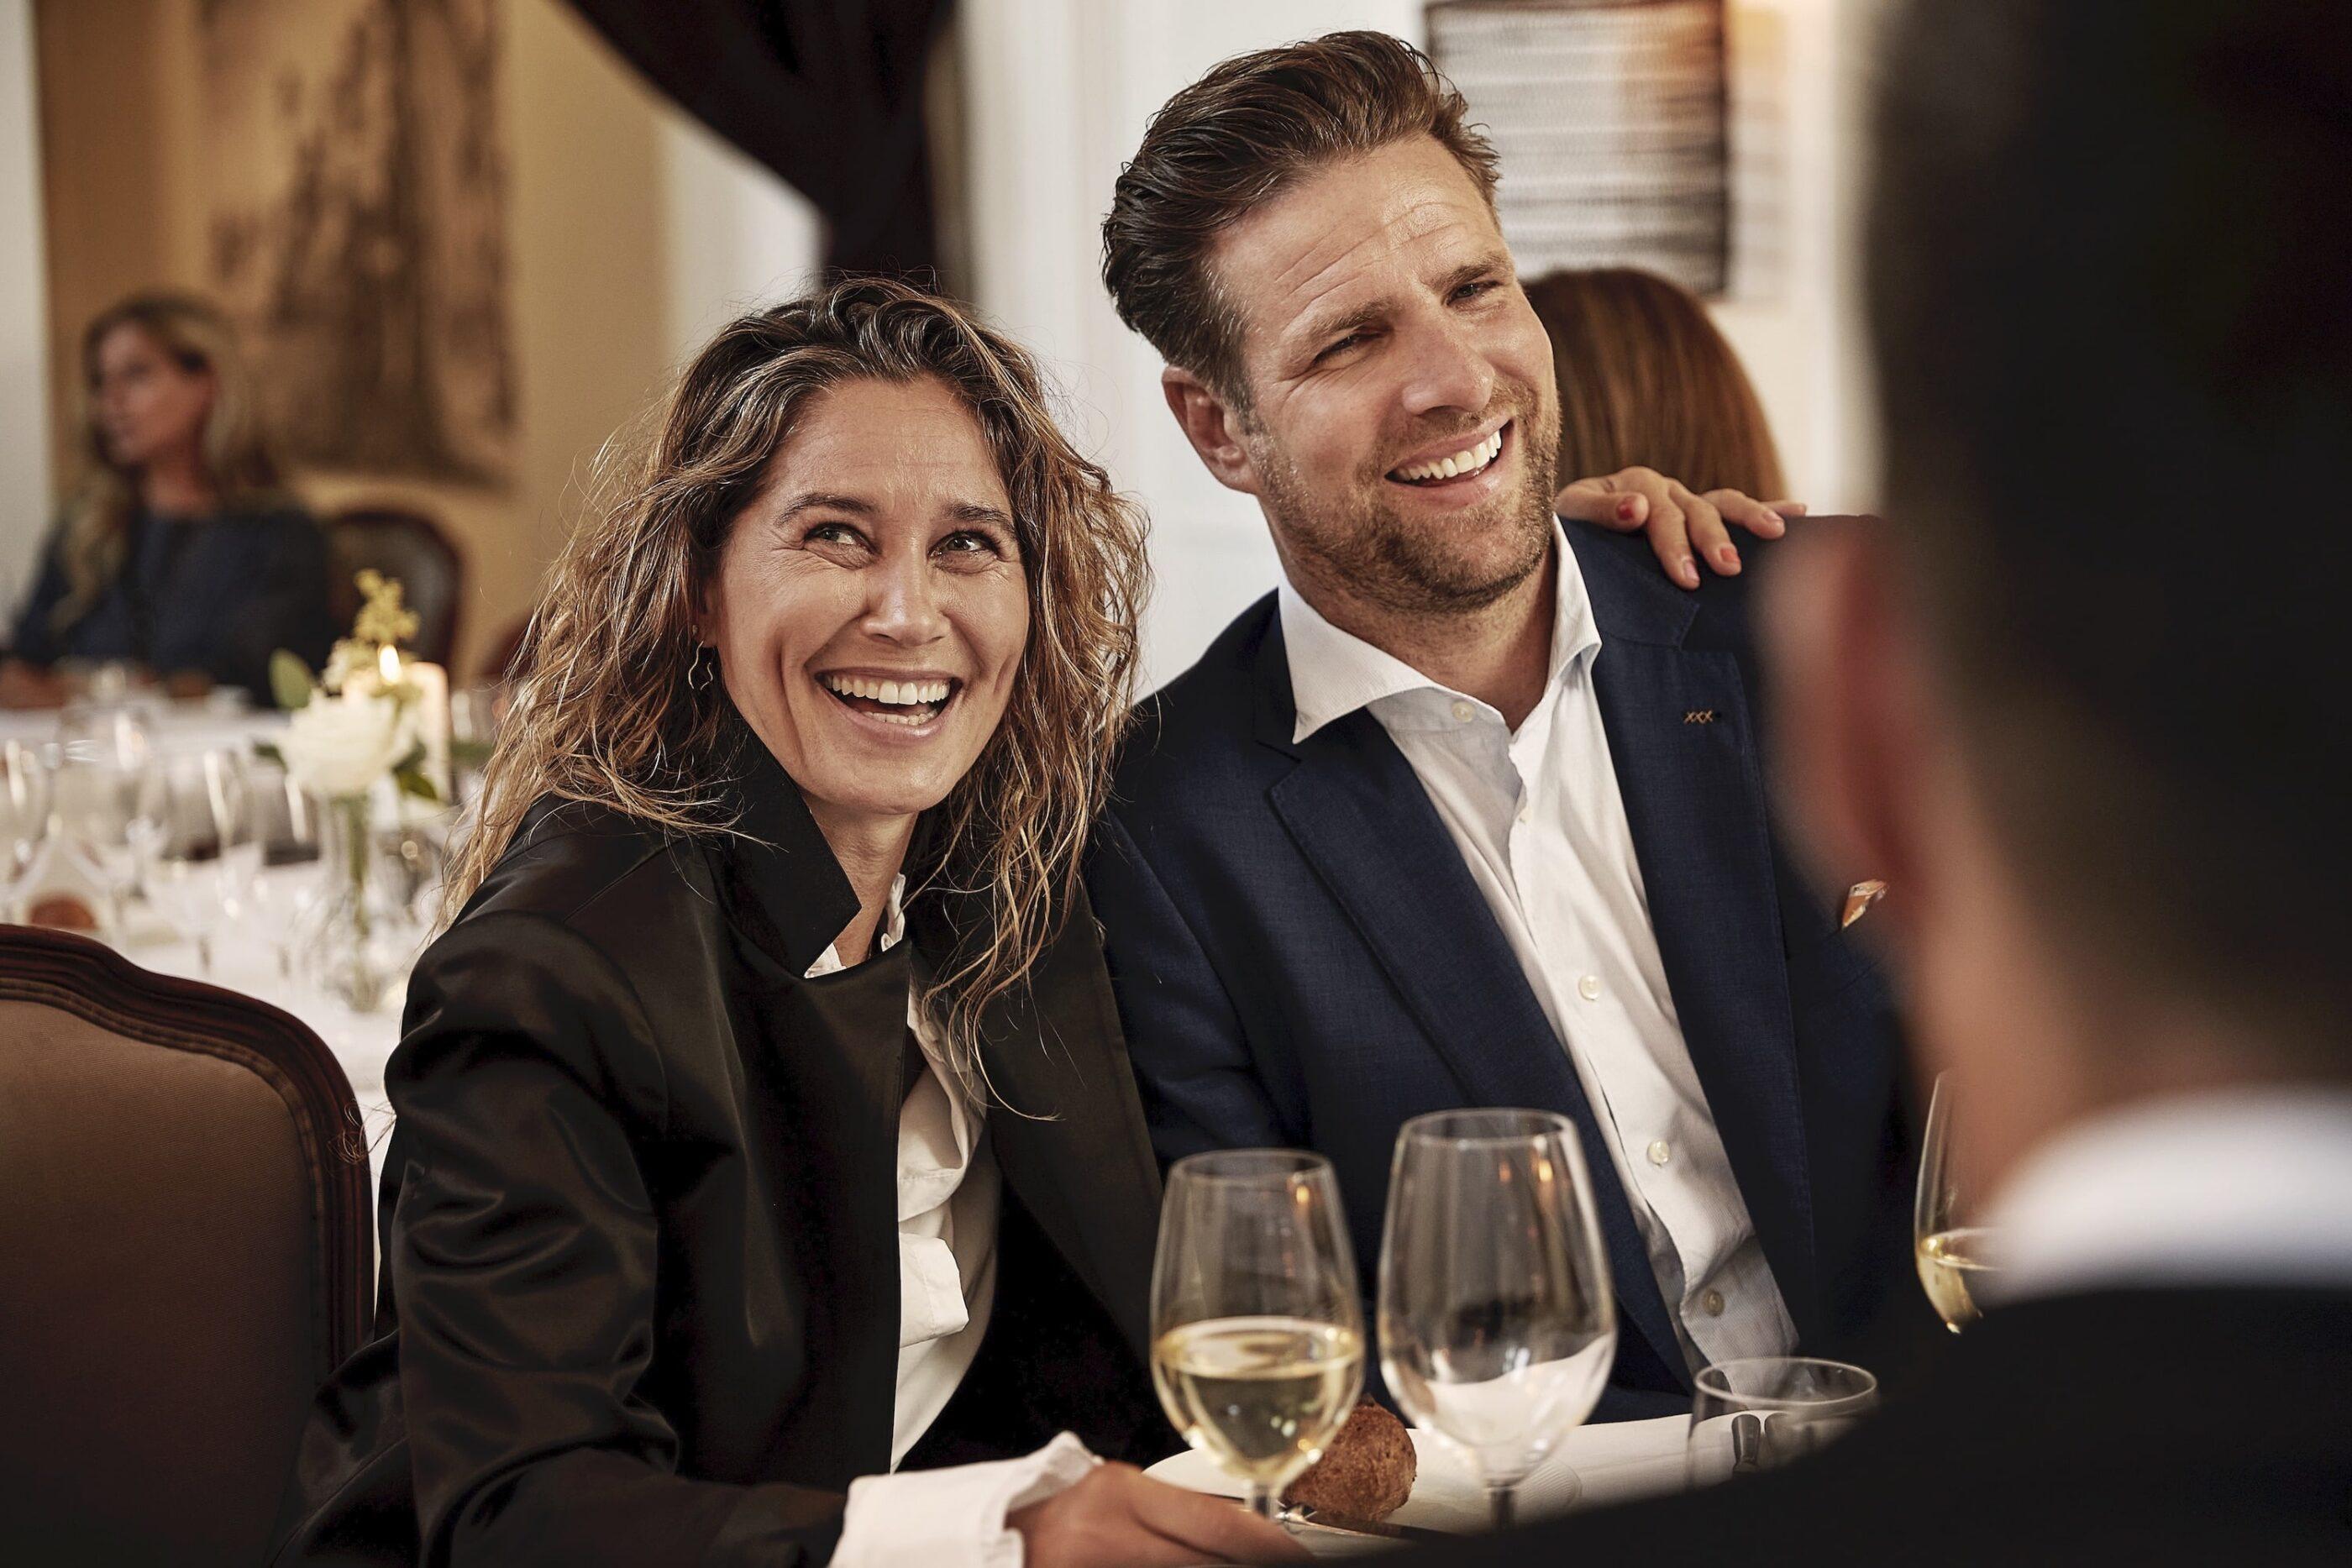 Kvinde og mand får en hyggelig snak med hvidvin